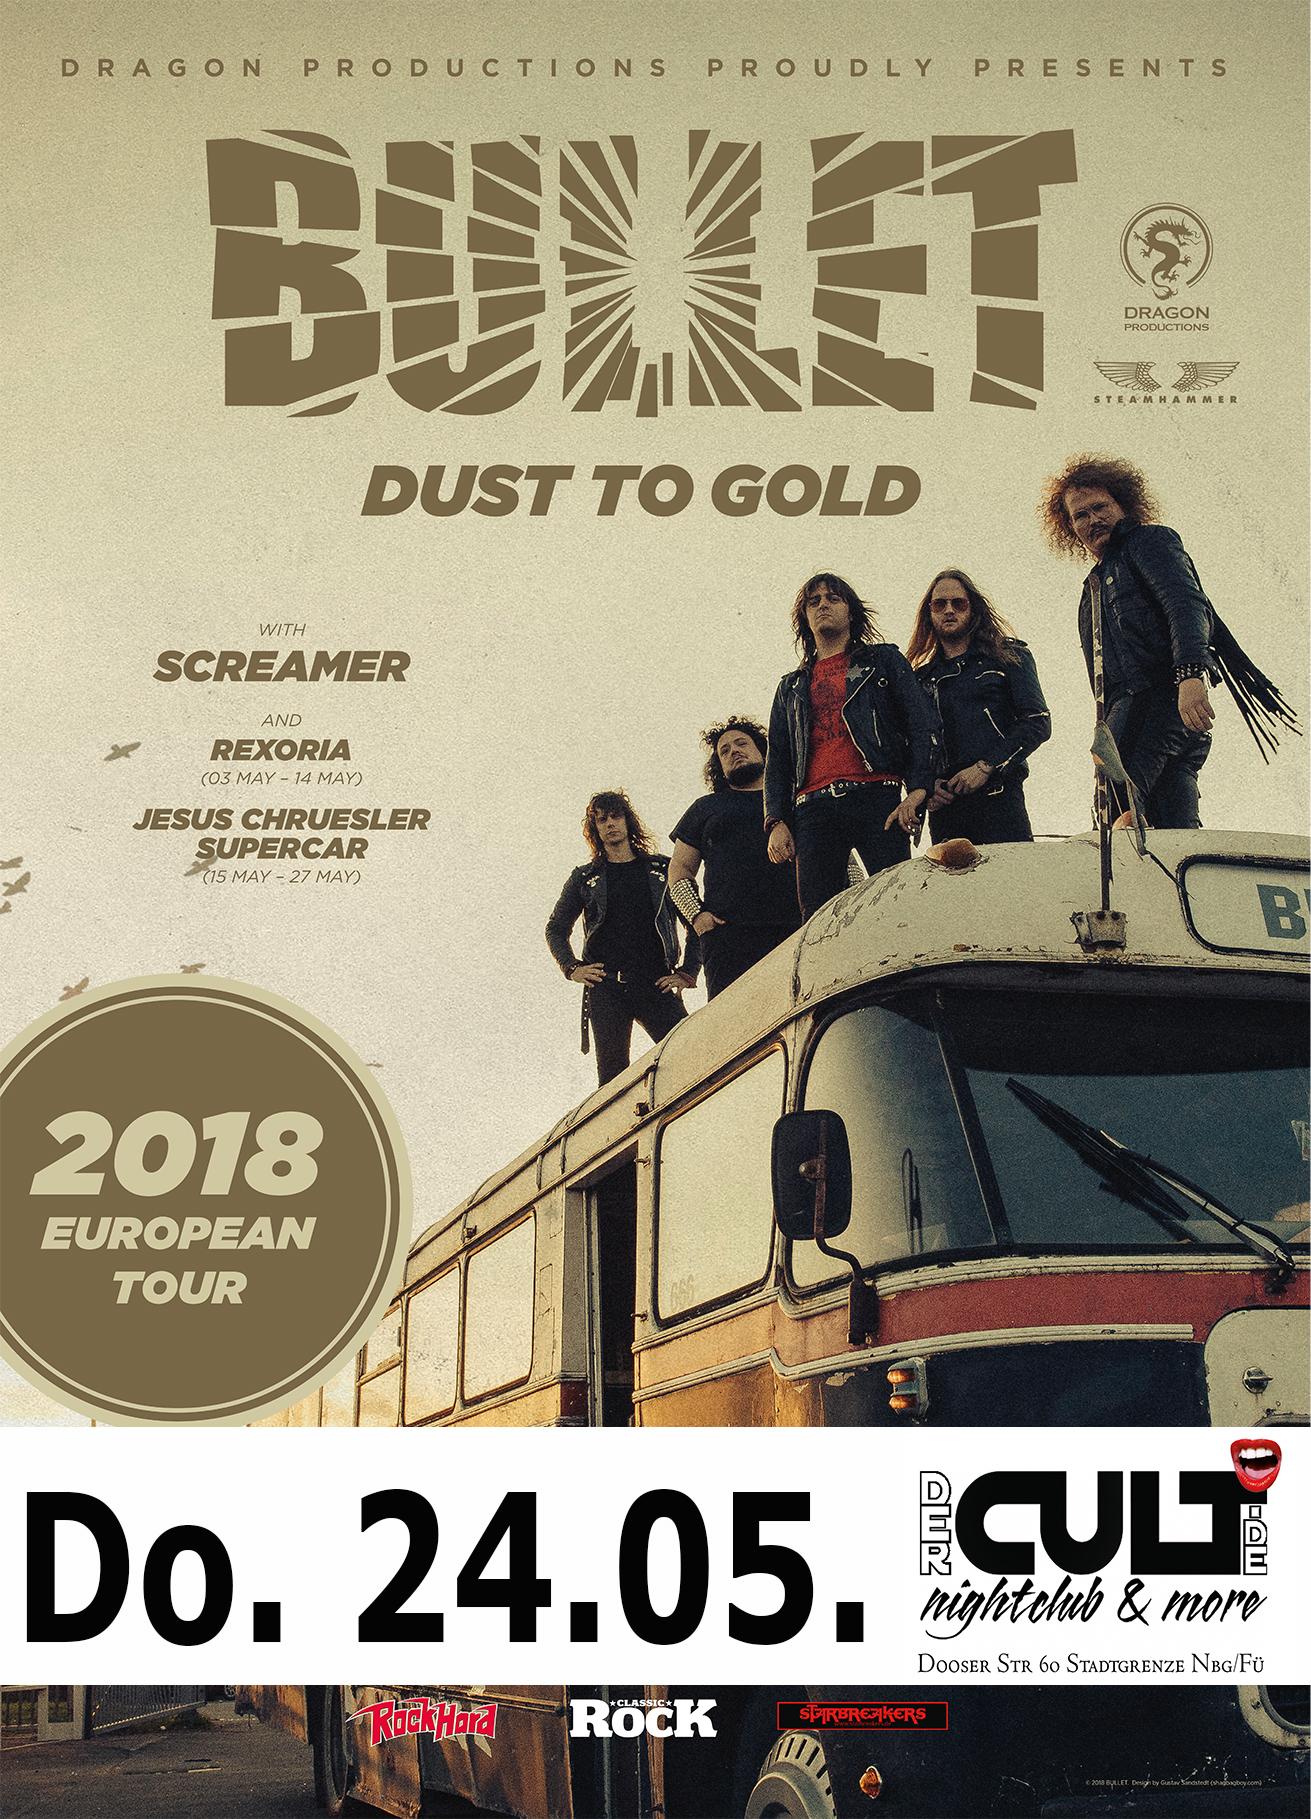 Bullet-Tour-594x840.indd